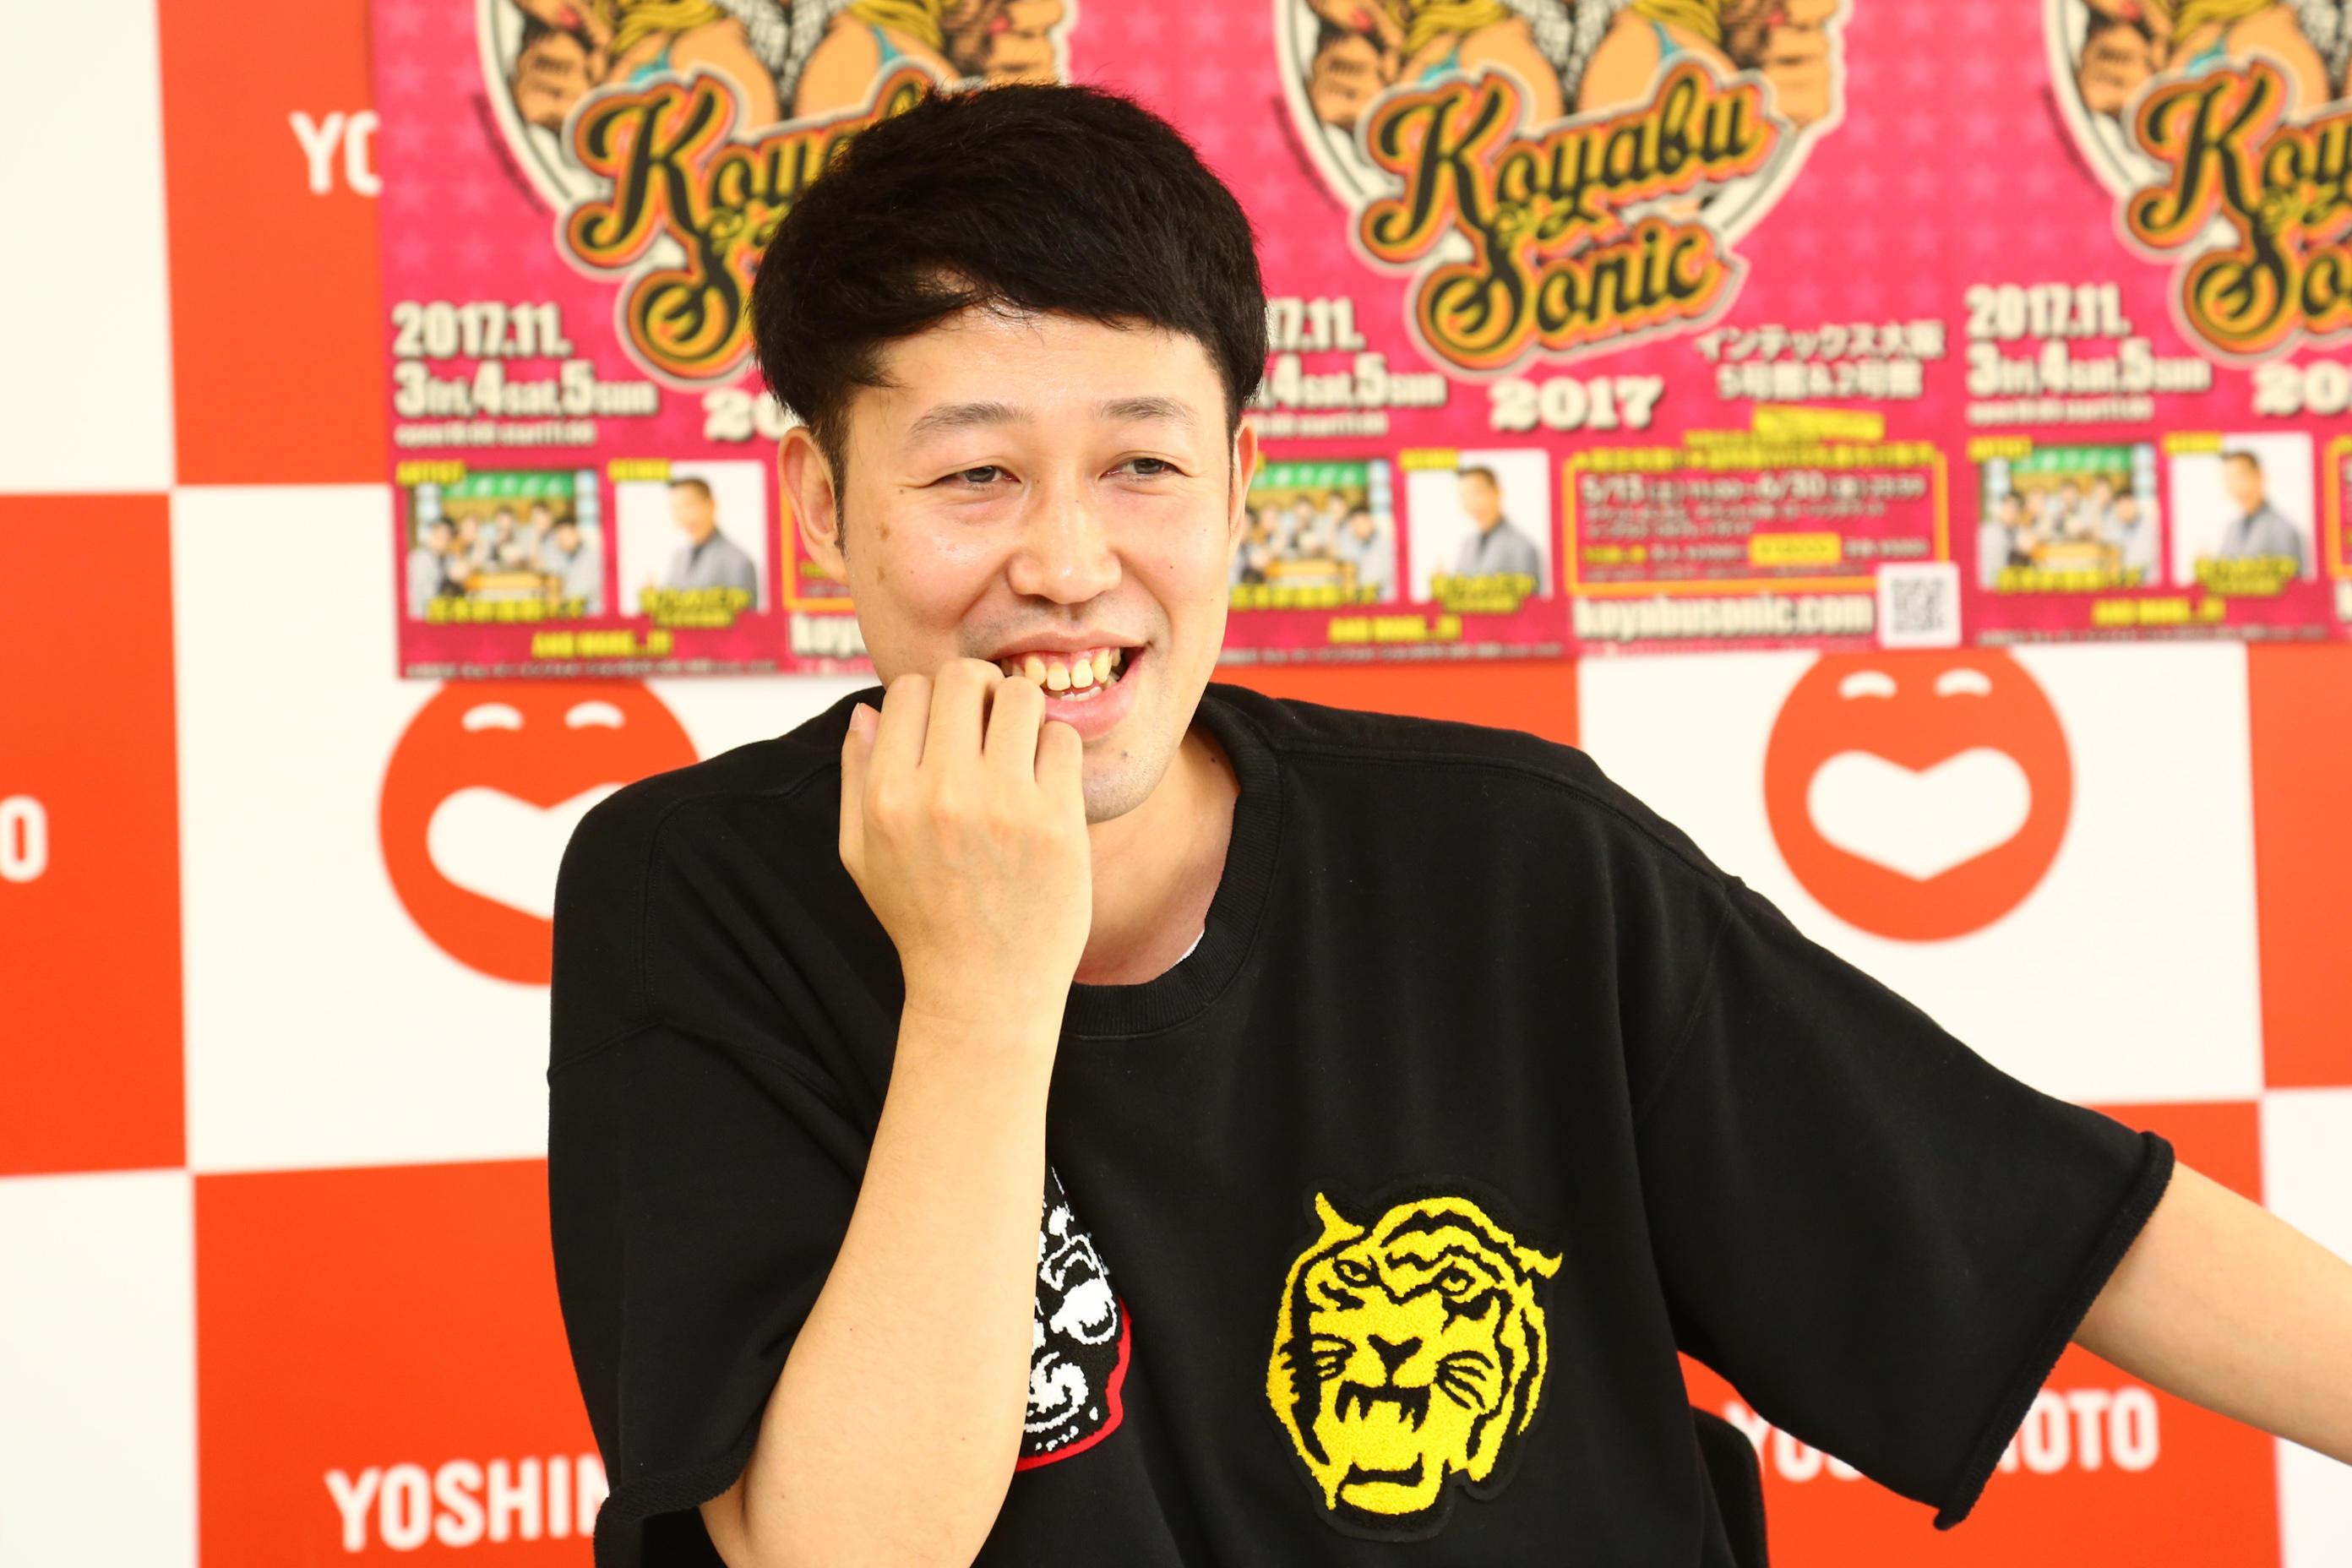 http://news.yoshimoto.co.jp/20170513032453-13cd533bed60b44917fd46626e1787a4a9740d8f.jpg